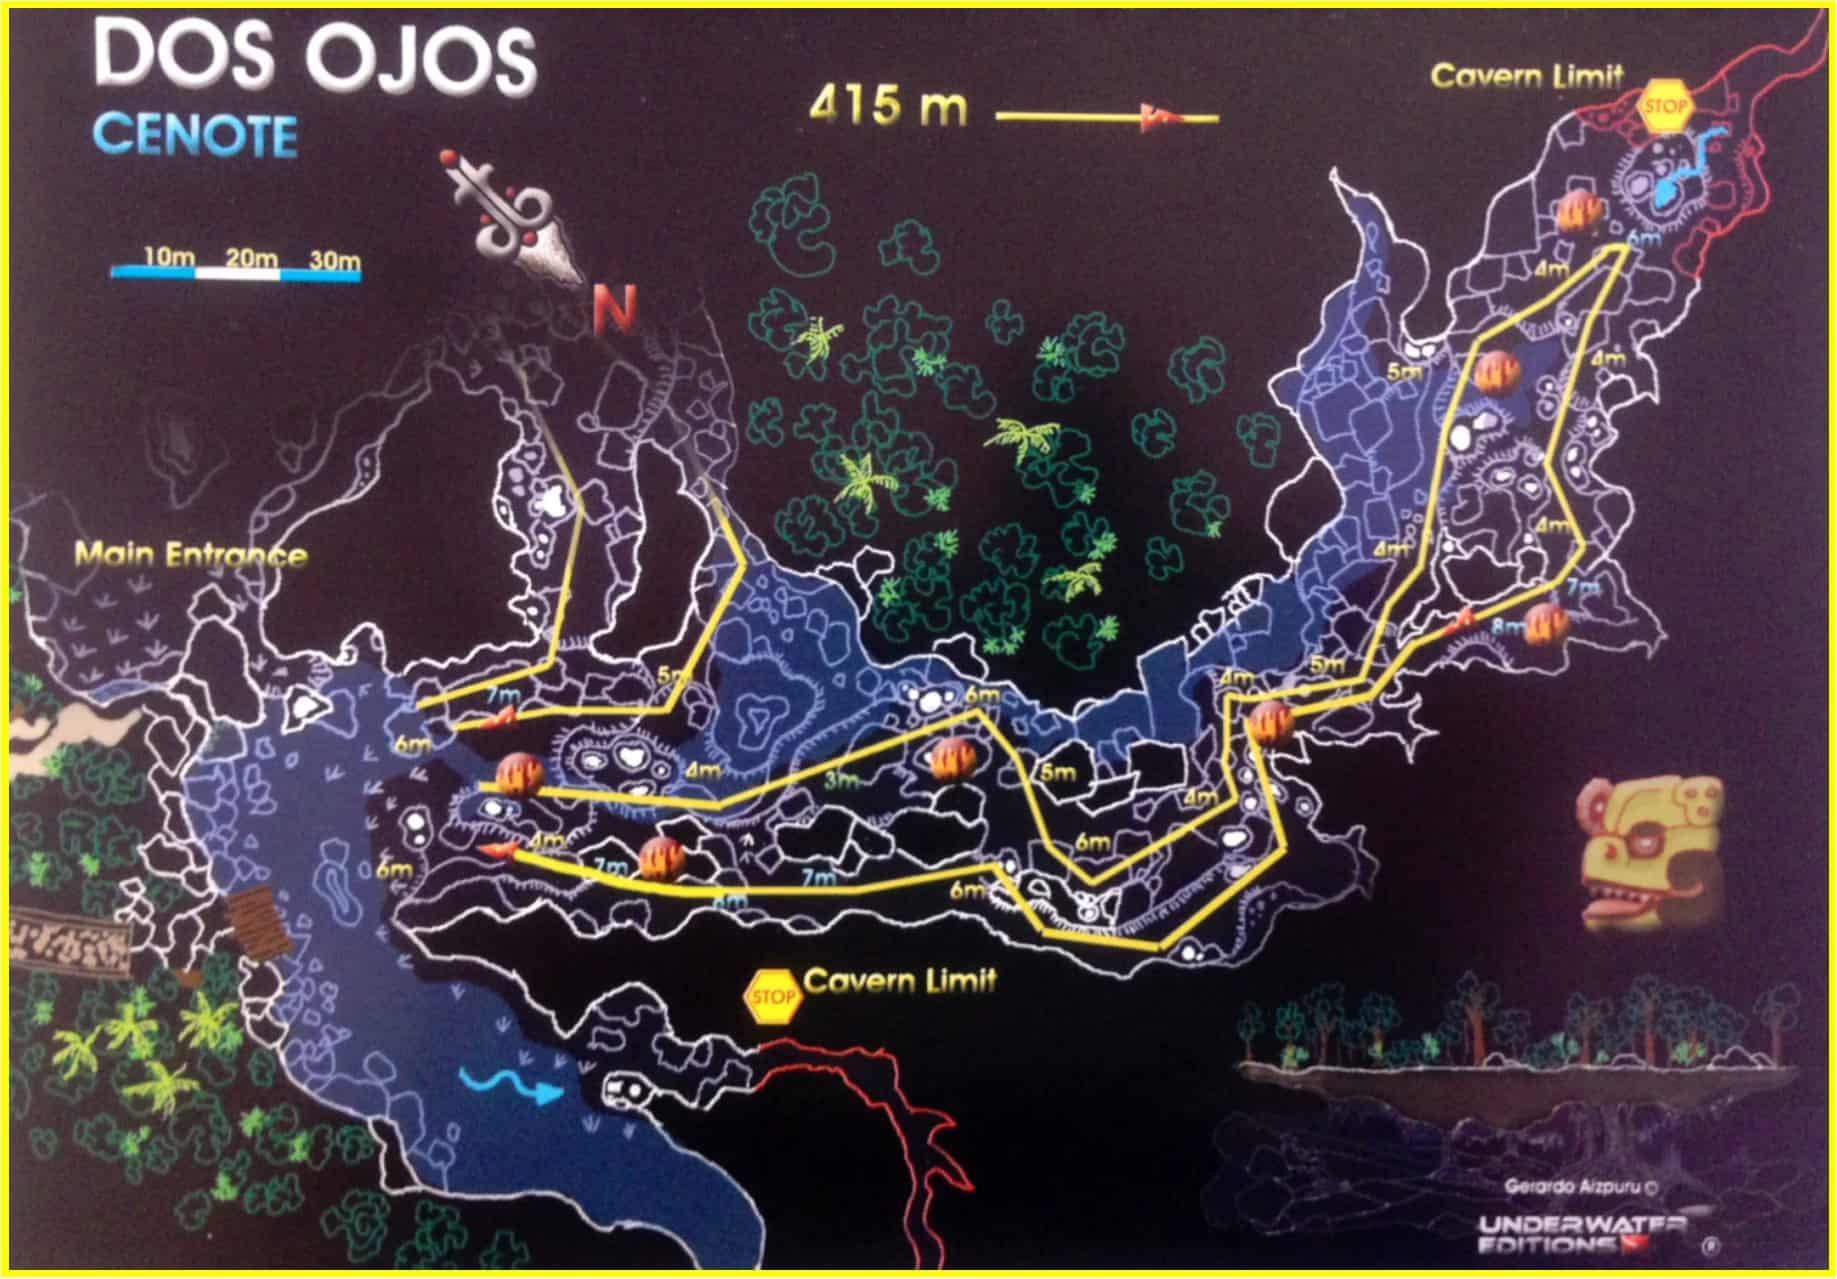 Cenote Dos Ojos Pro Dive International